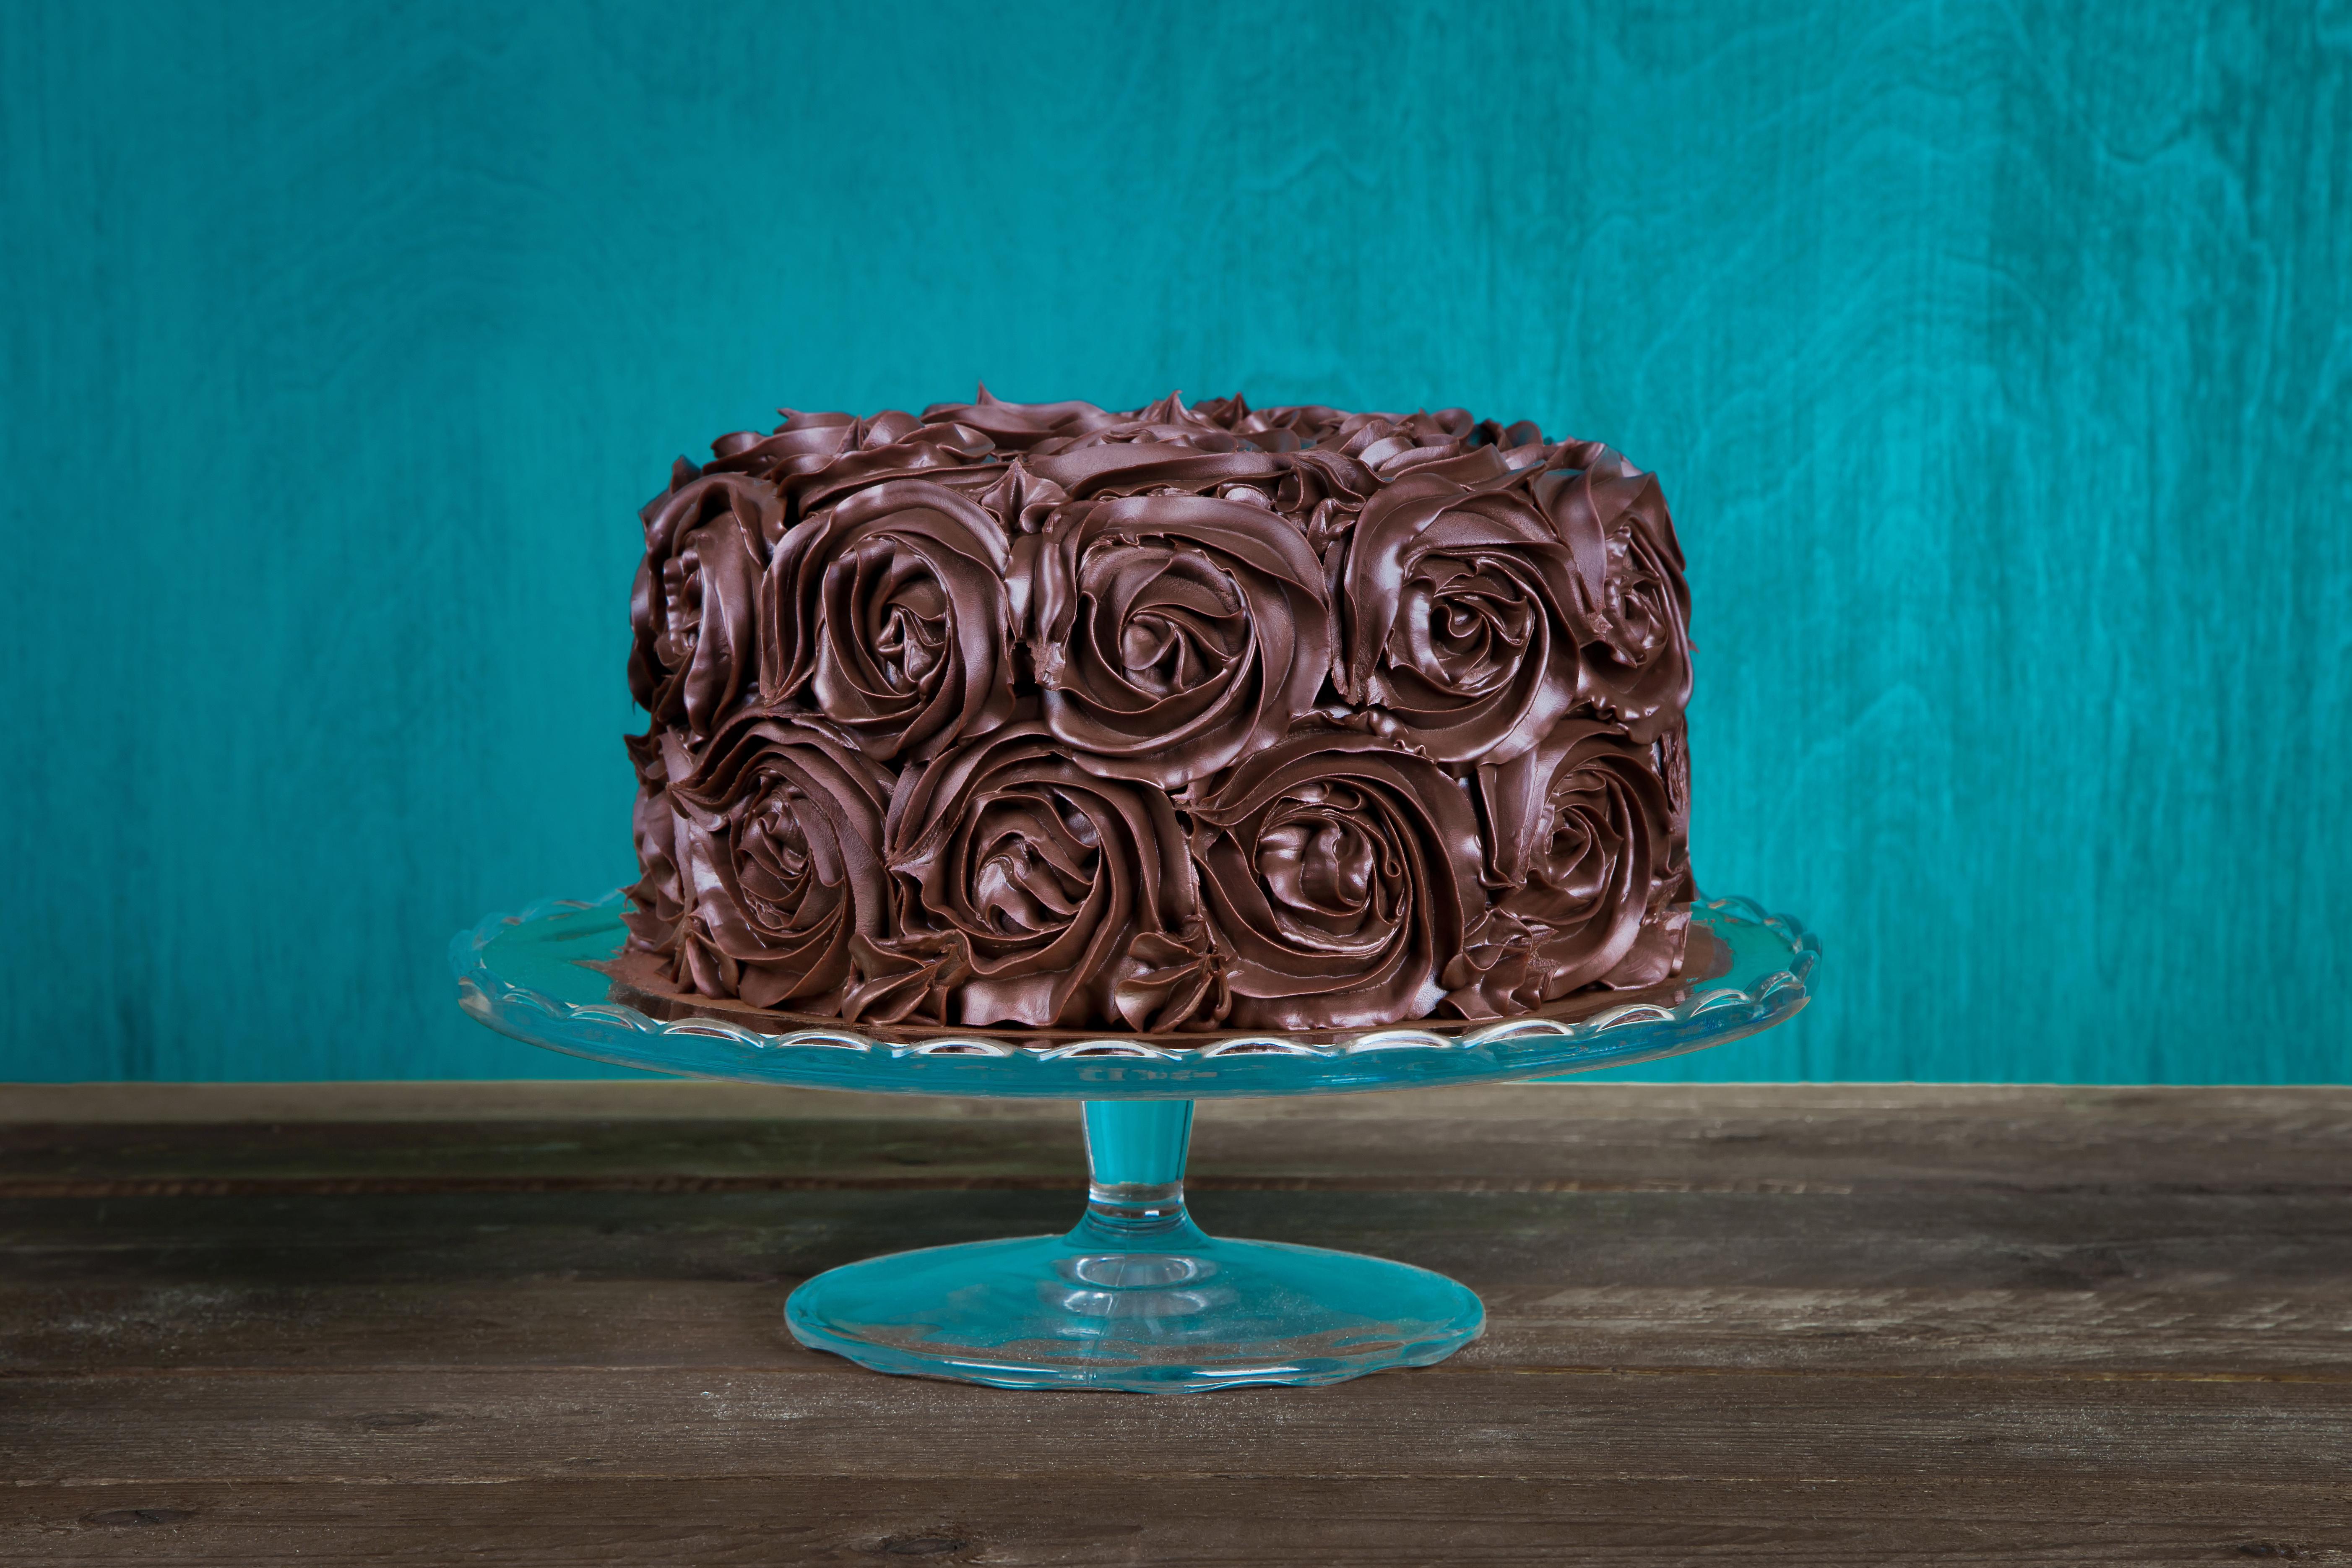 Картинка Шоколад Торты Еда Сладости дизайна 5608x3739 Пища Продукты питания сладкая еда Дизайн